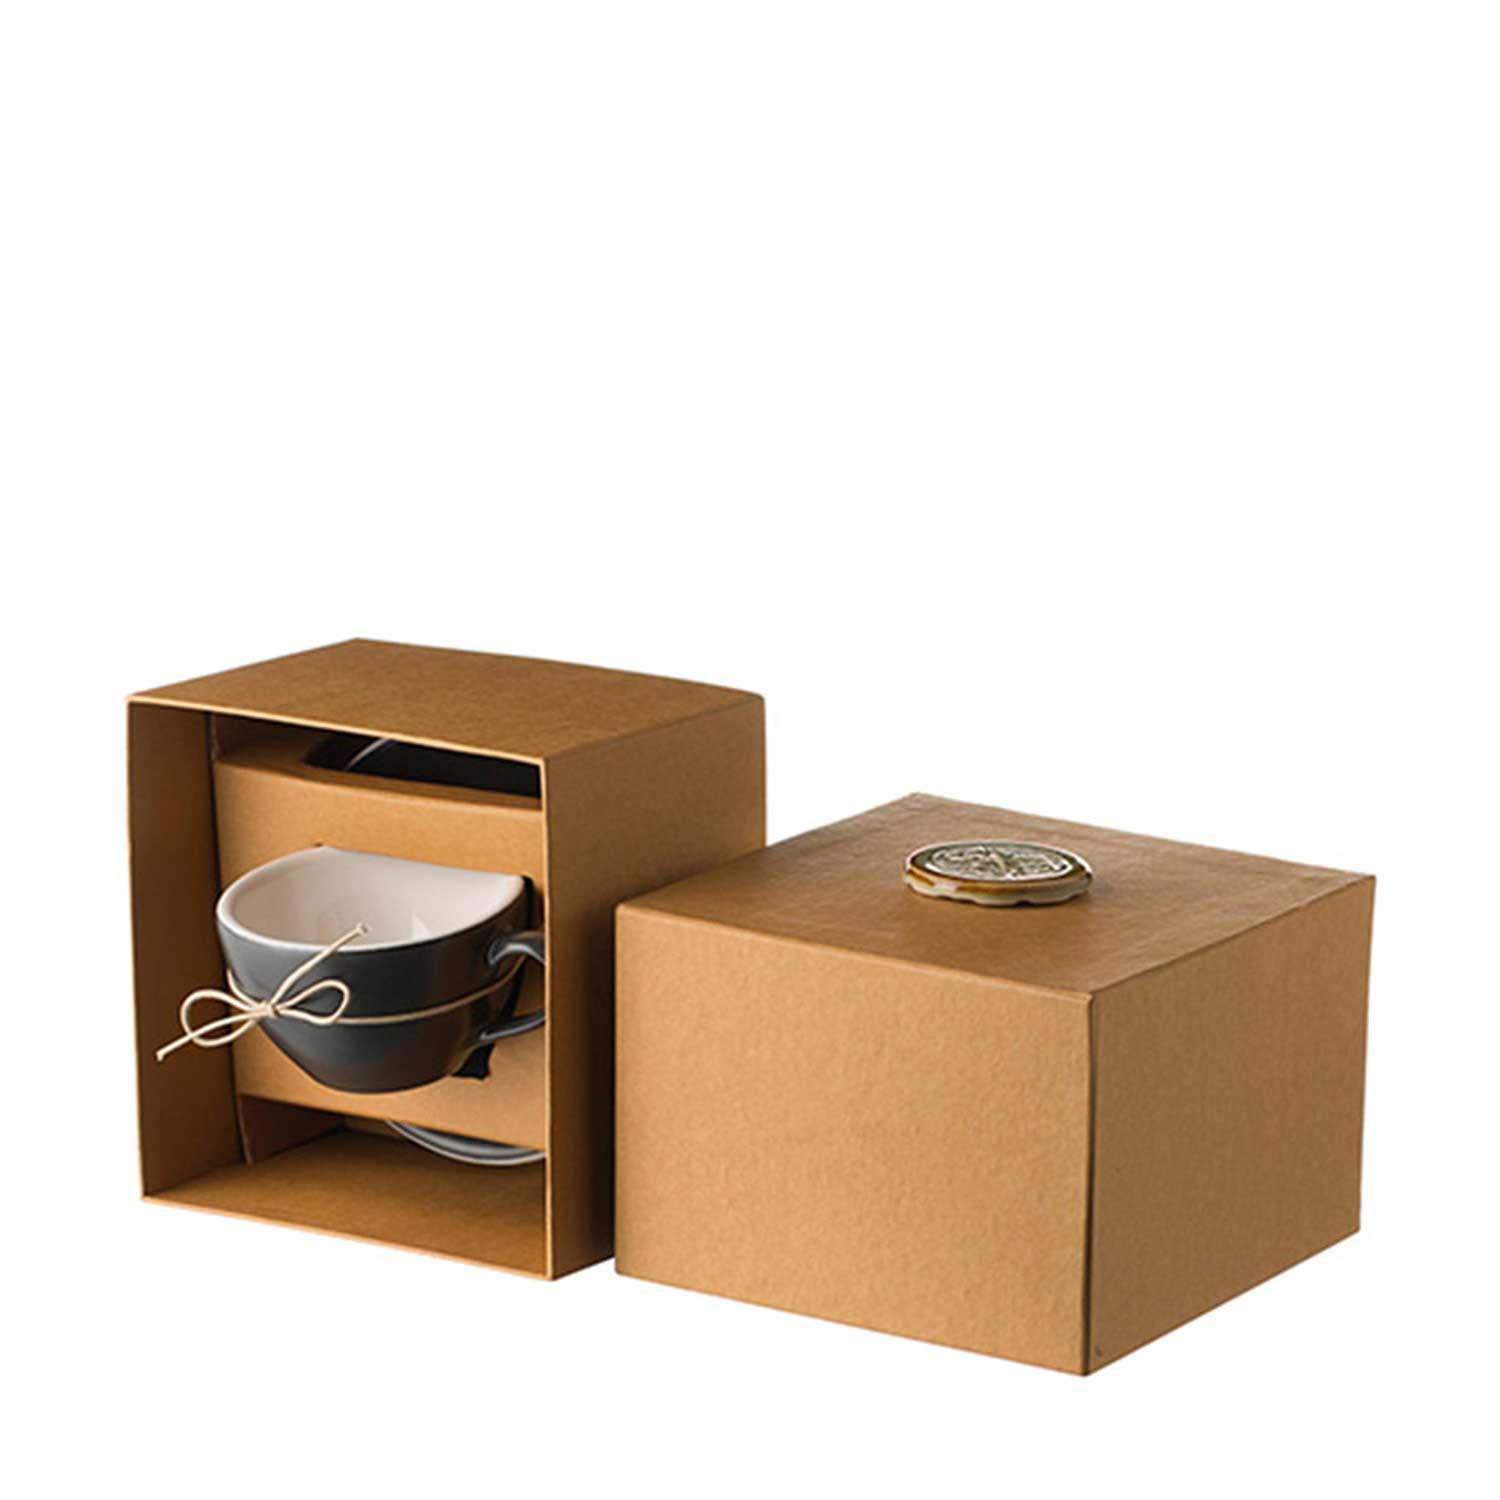 Espresso Cup and Saucer Set